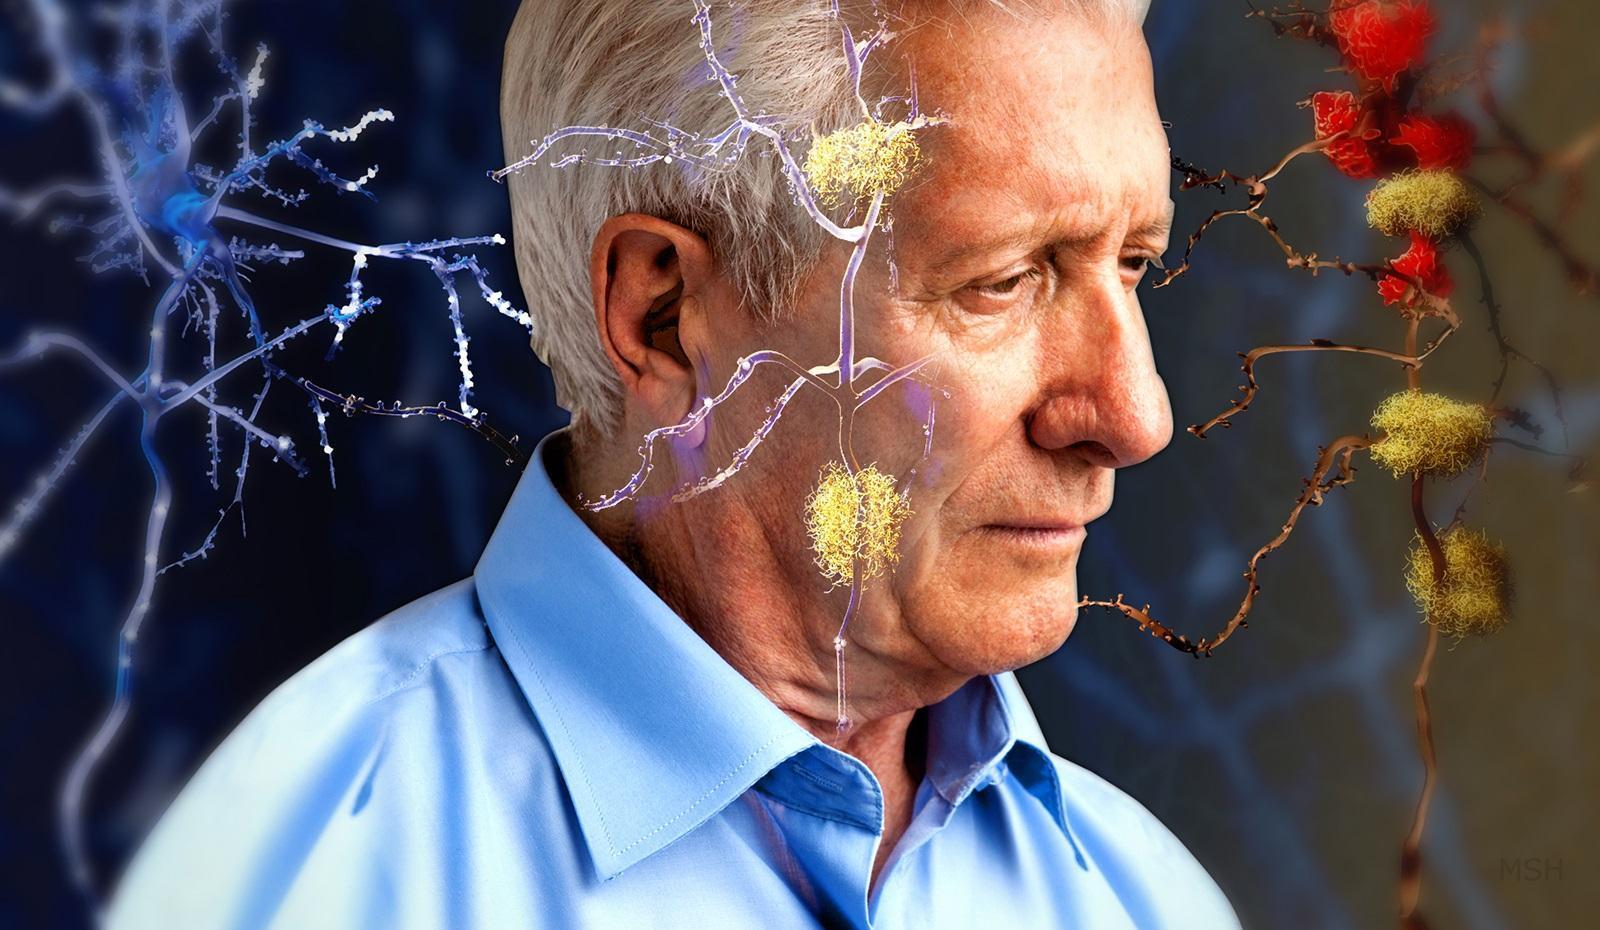 Микробы способны обратить вспять старение мозга